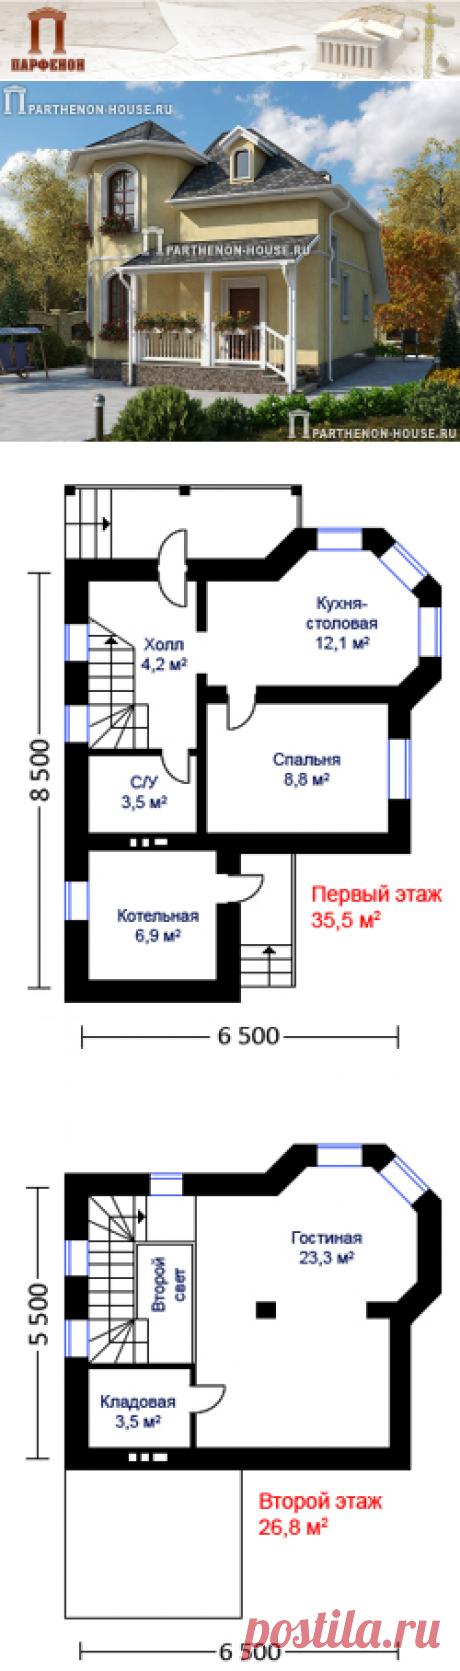 Проект небольшого стильного и комфортного дома из газобетона НД 62-2  Площадь общая: 62,20 кв.м. Высота на 1 этаже: 2,70 м. Высота в мансарде: от 1,80 м. до 2,80 м.   Технология и конструкция: строительство дома из газобетона. Фундамент: монолитный ленточный ж/б. Наружные стены: газобетонные блоки 375 мм. Междуэтажное перекрытие: по деревянным балкам. Кровля: покрытие - битумная черепица. Наружная отделка: цоколь - камень, стены - штукатурка.